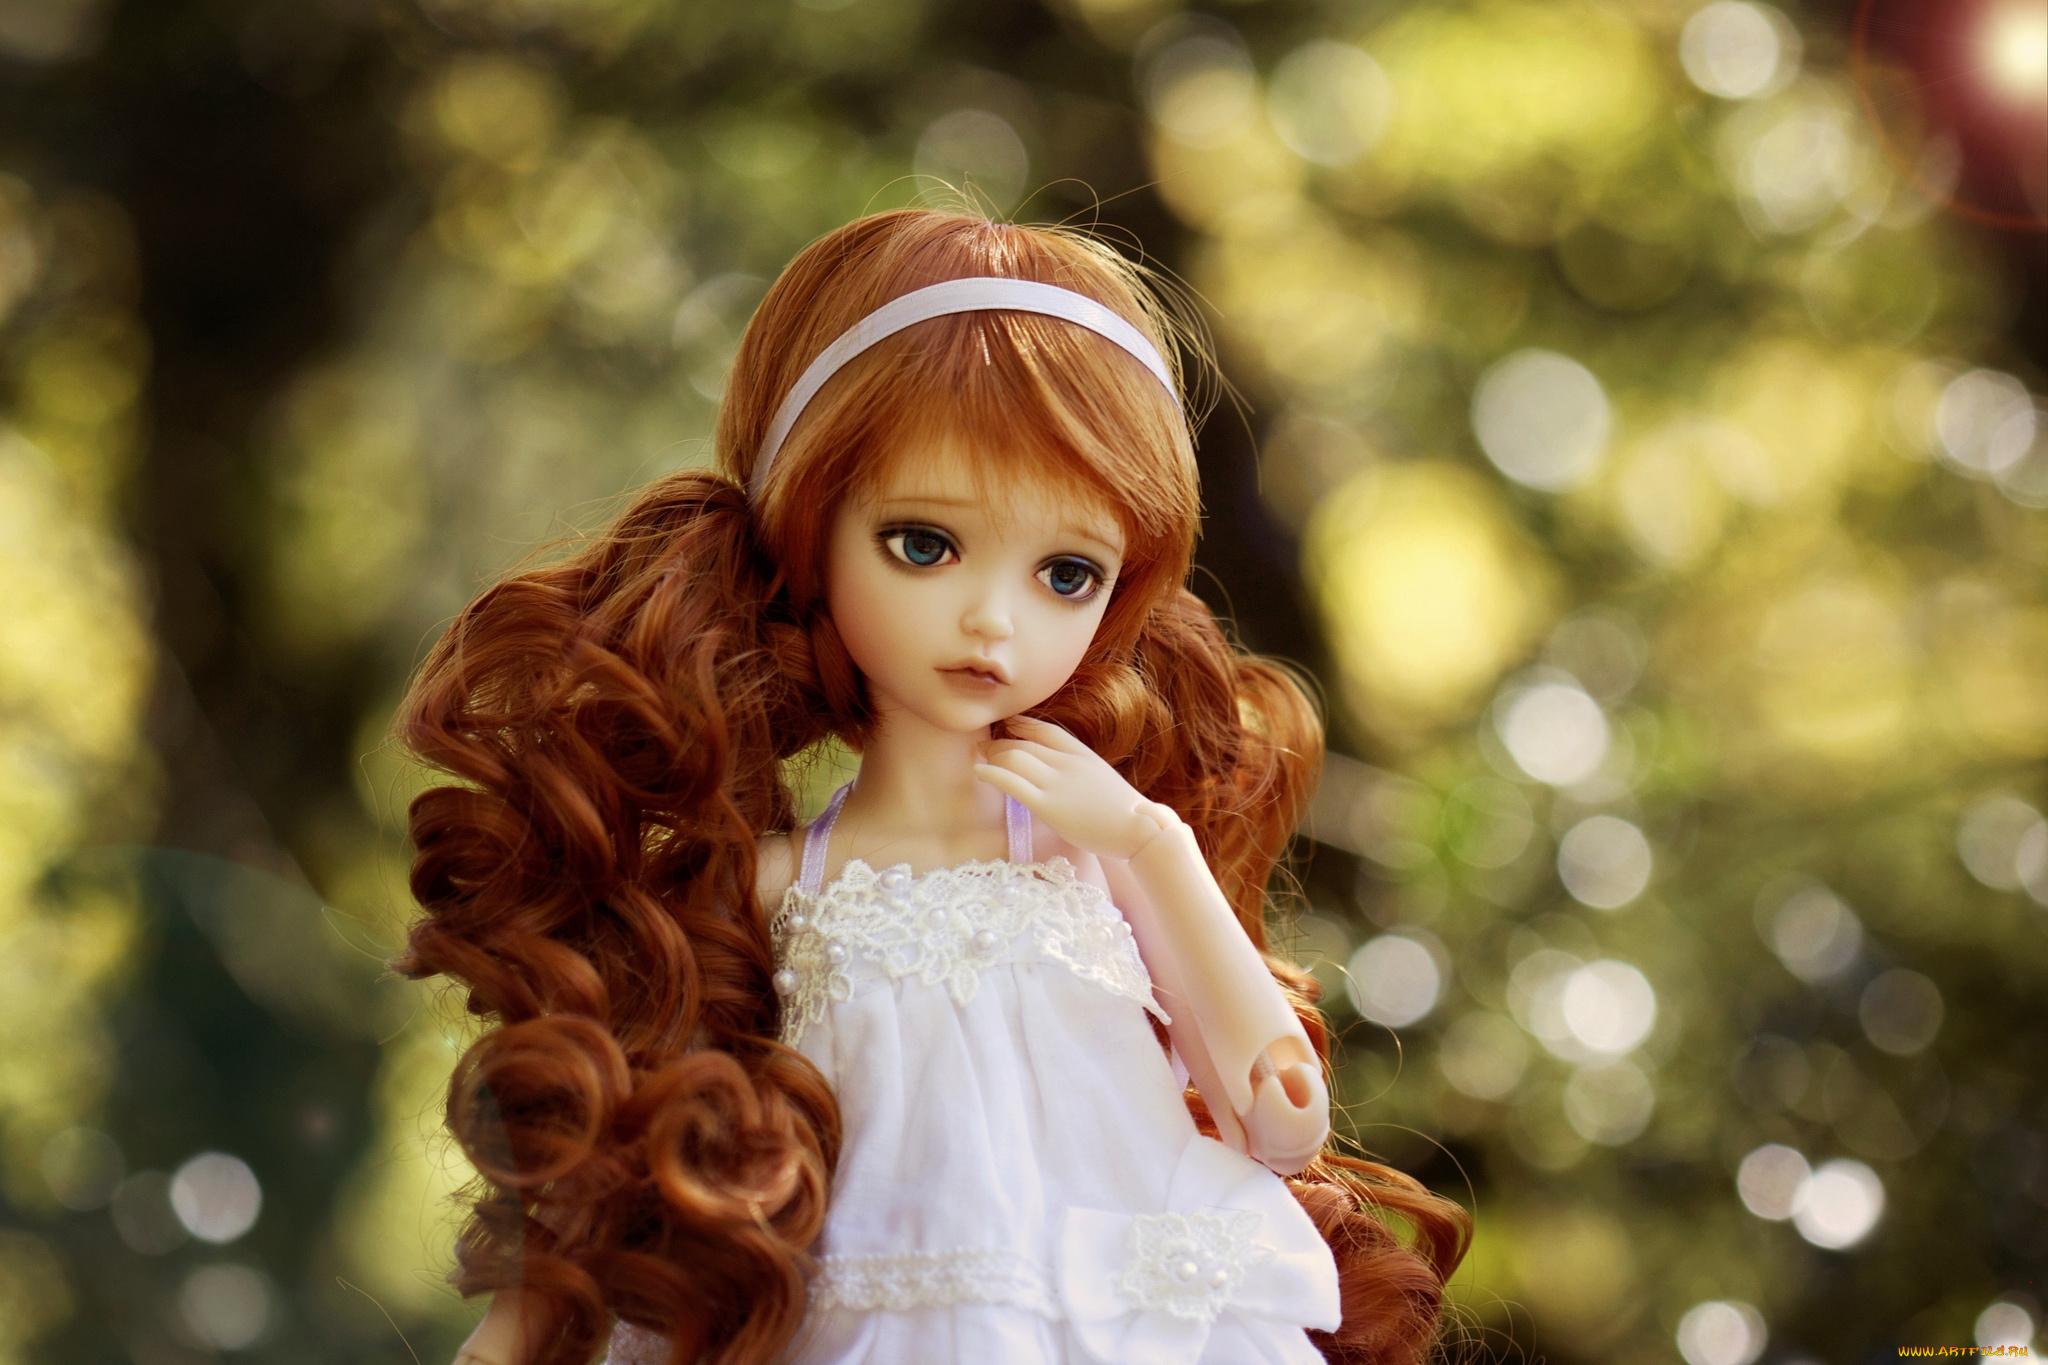 Куклы фото красивые, солярий